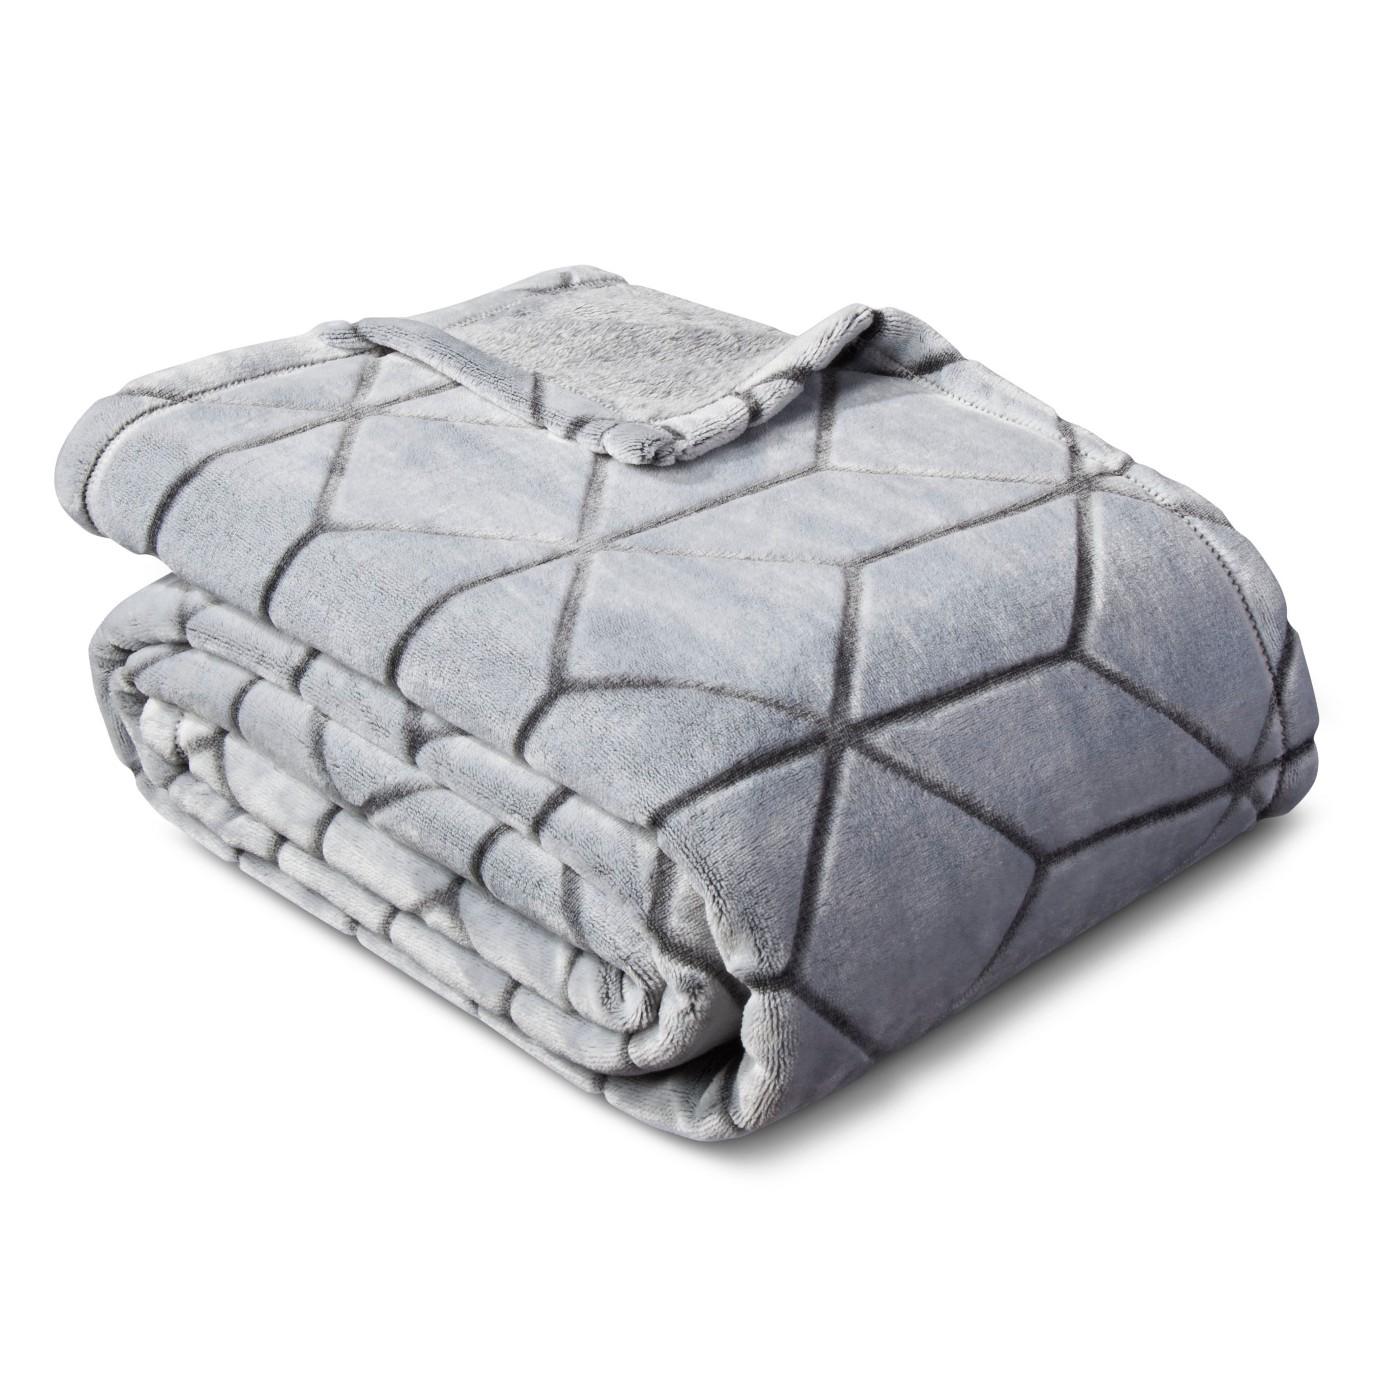 Micromink Printed Blanket - Room Essentials™ - image 1 of 1